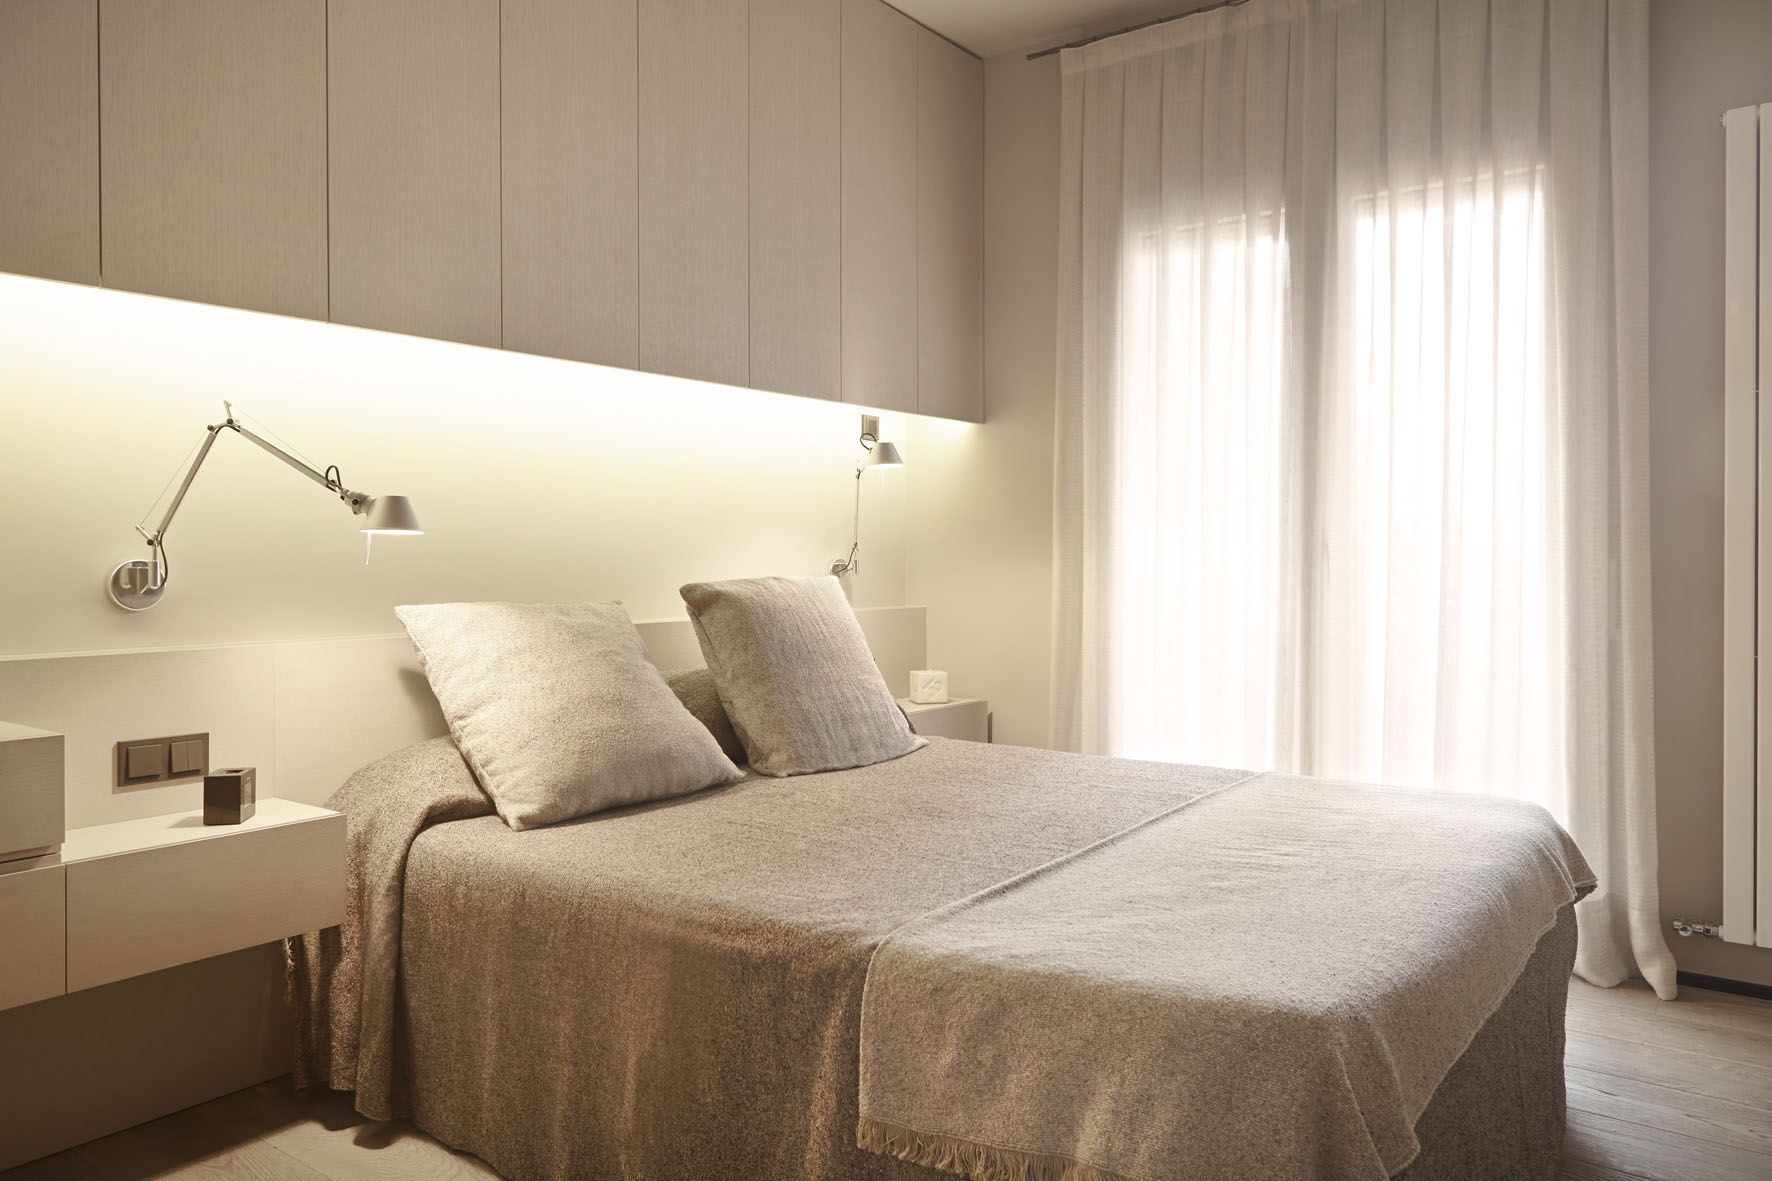 Menos espa o mais arruma o para quartos de reduzida dimens o uma boa alternativa para ganhar - Cama sobre armario ...